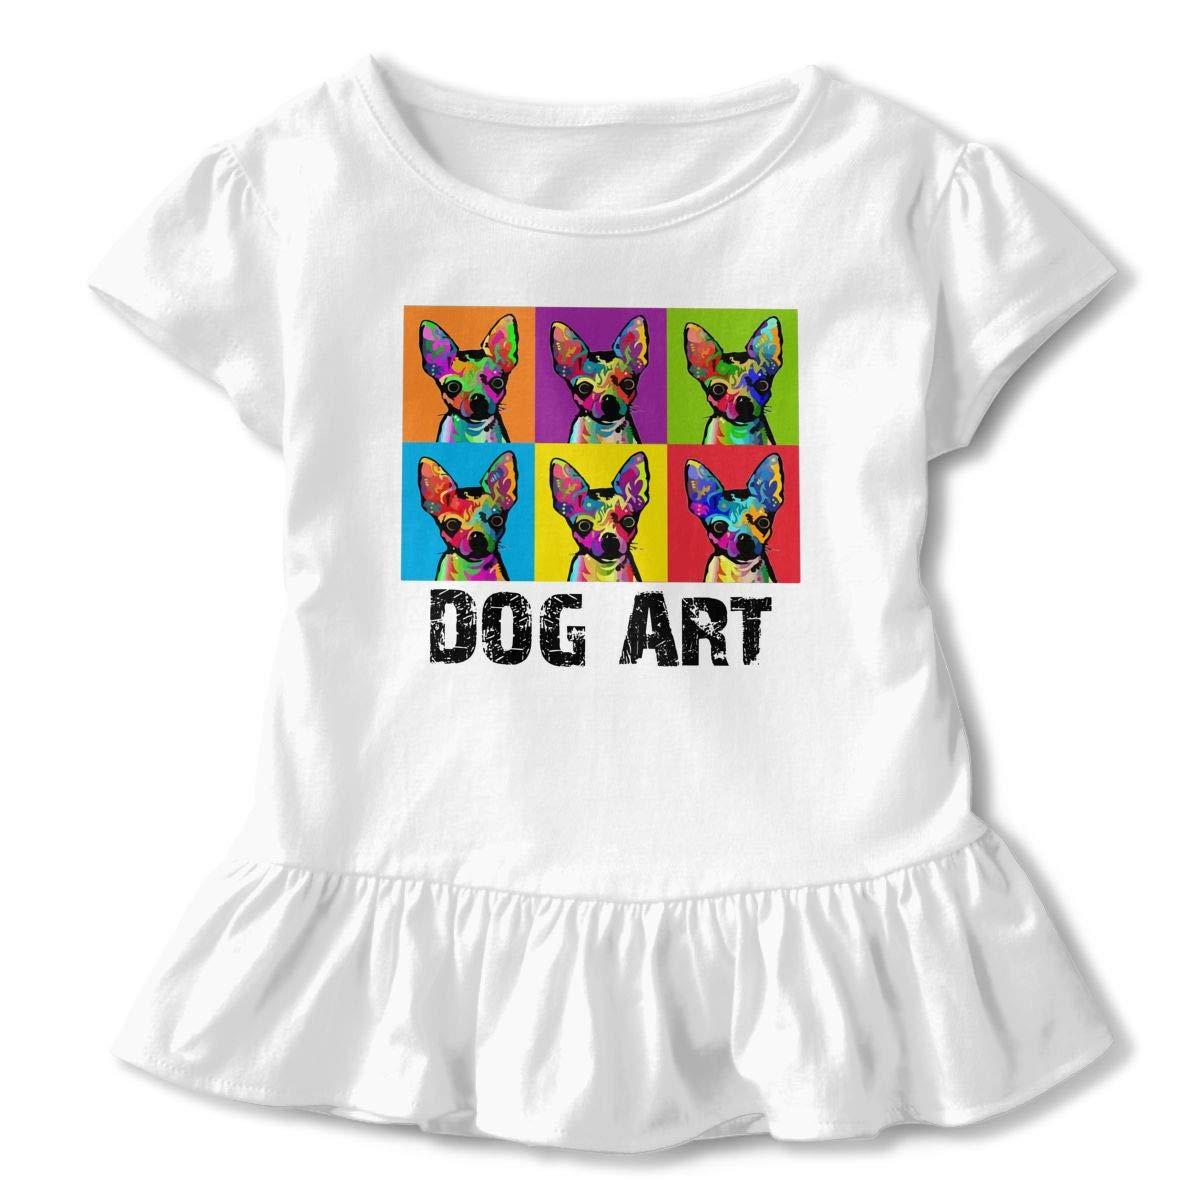 Dog Pop Art Toddler Girls T Shirt Kids Cotton Short Sleeve Ruffle Tee